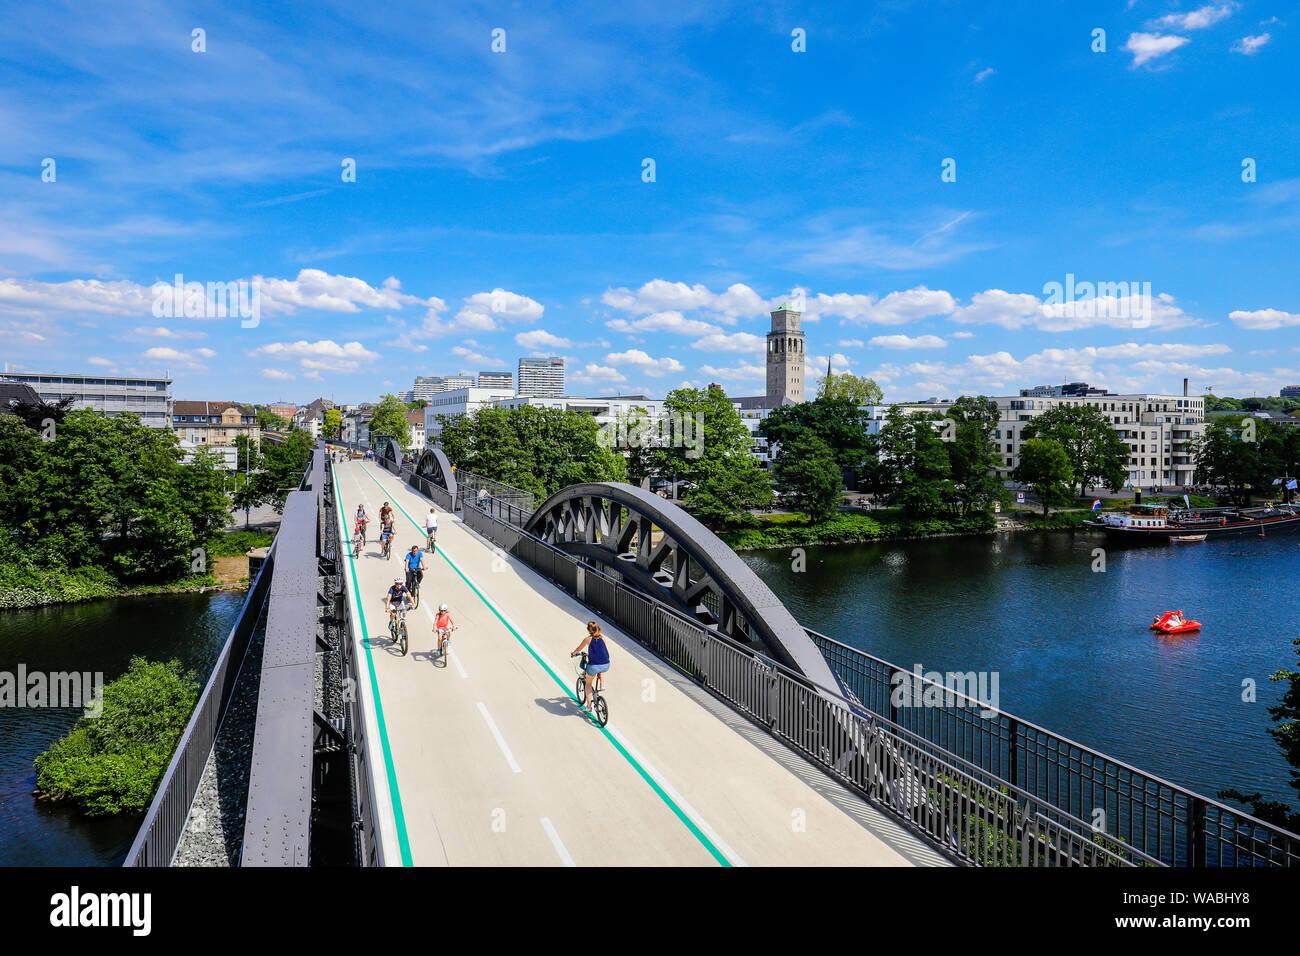 Mülheim an der Ruhr, Ruhrgebiet, Nordrhein-Westfalen, Deutschland - Fahrrad Highway, Ruhr RS1 Express Way, führt in Mülheim auf einer ehemaligen Eisenbahnbrücke. Stockfoto